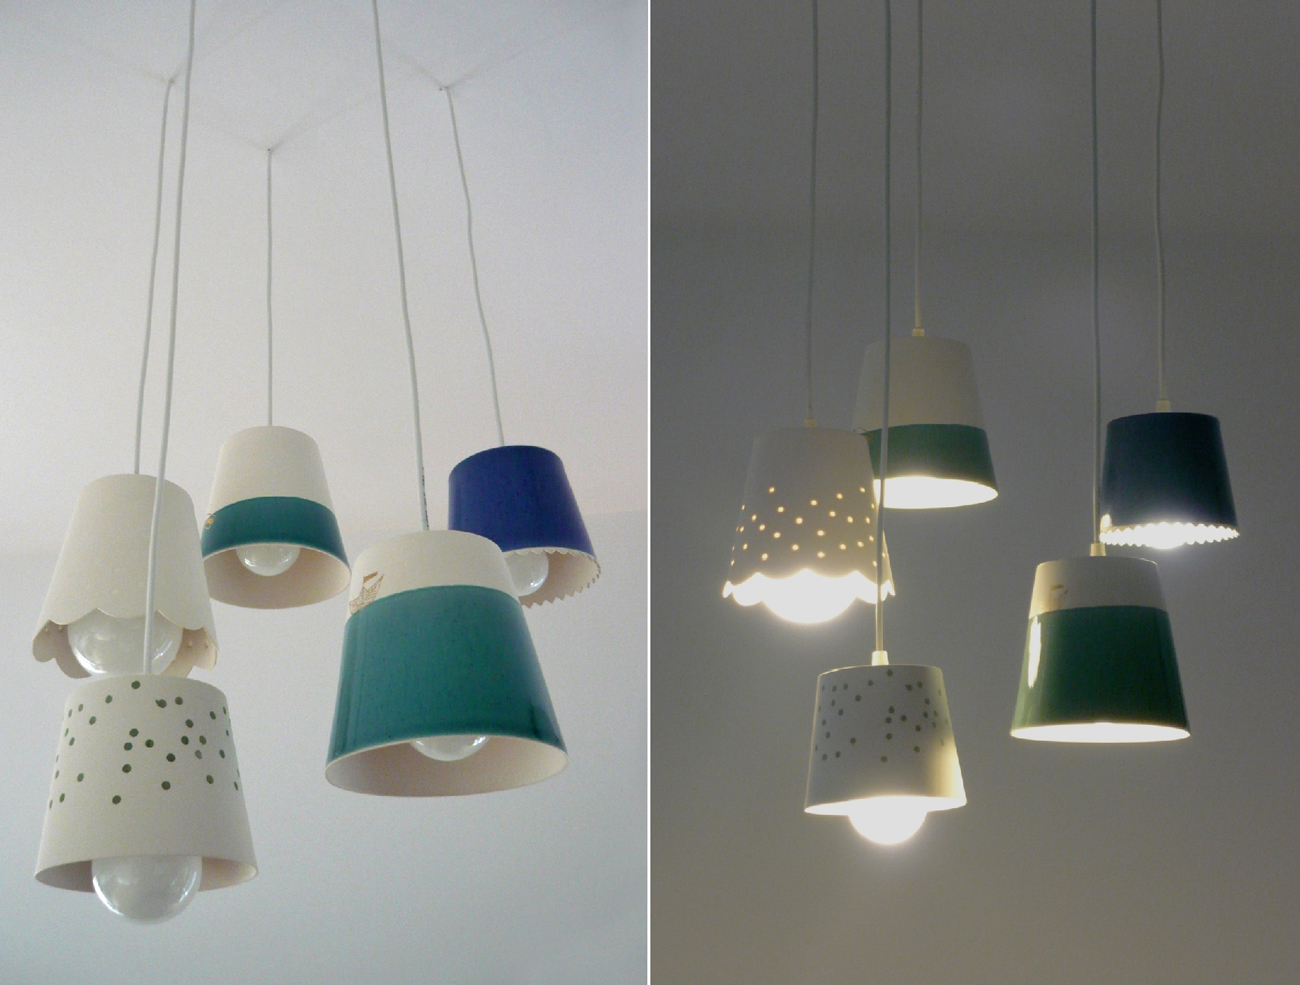 Cozy pendant lamps